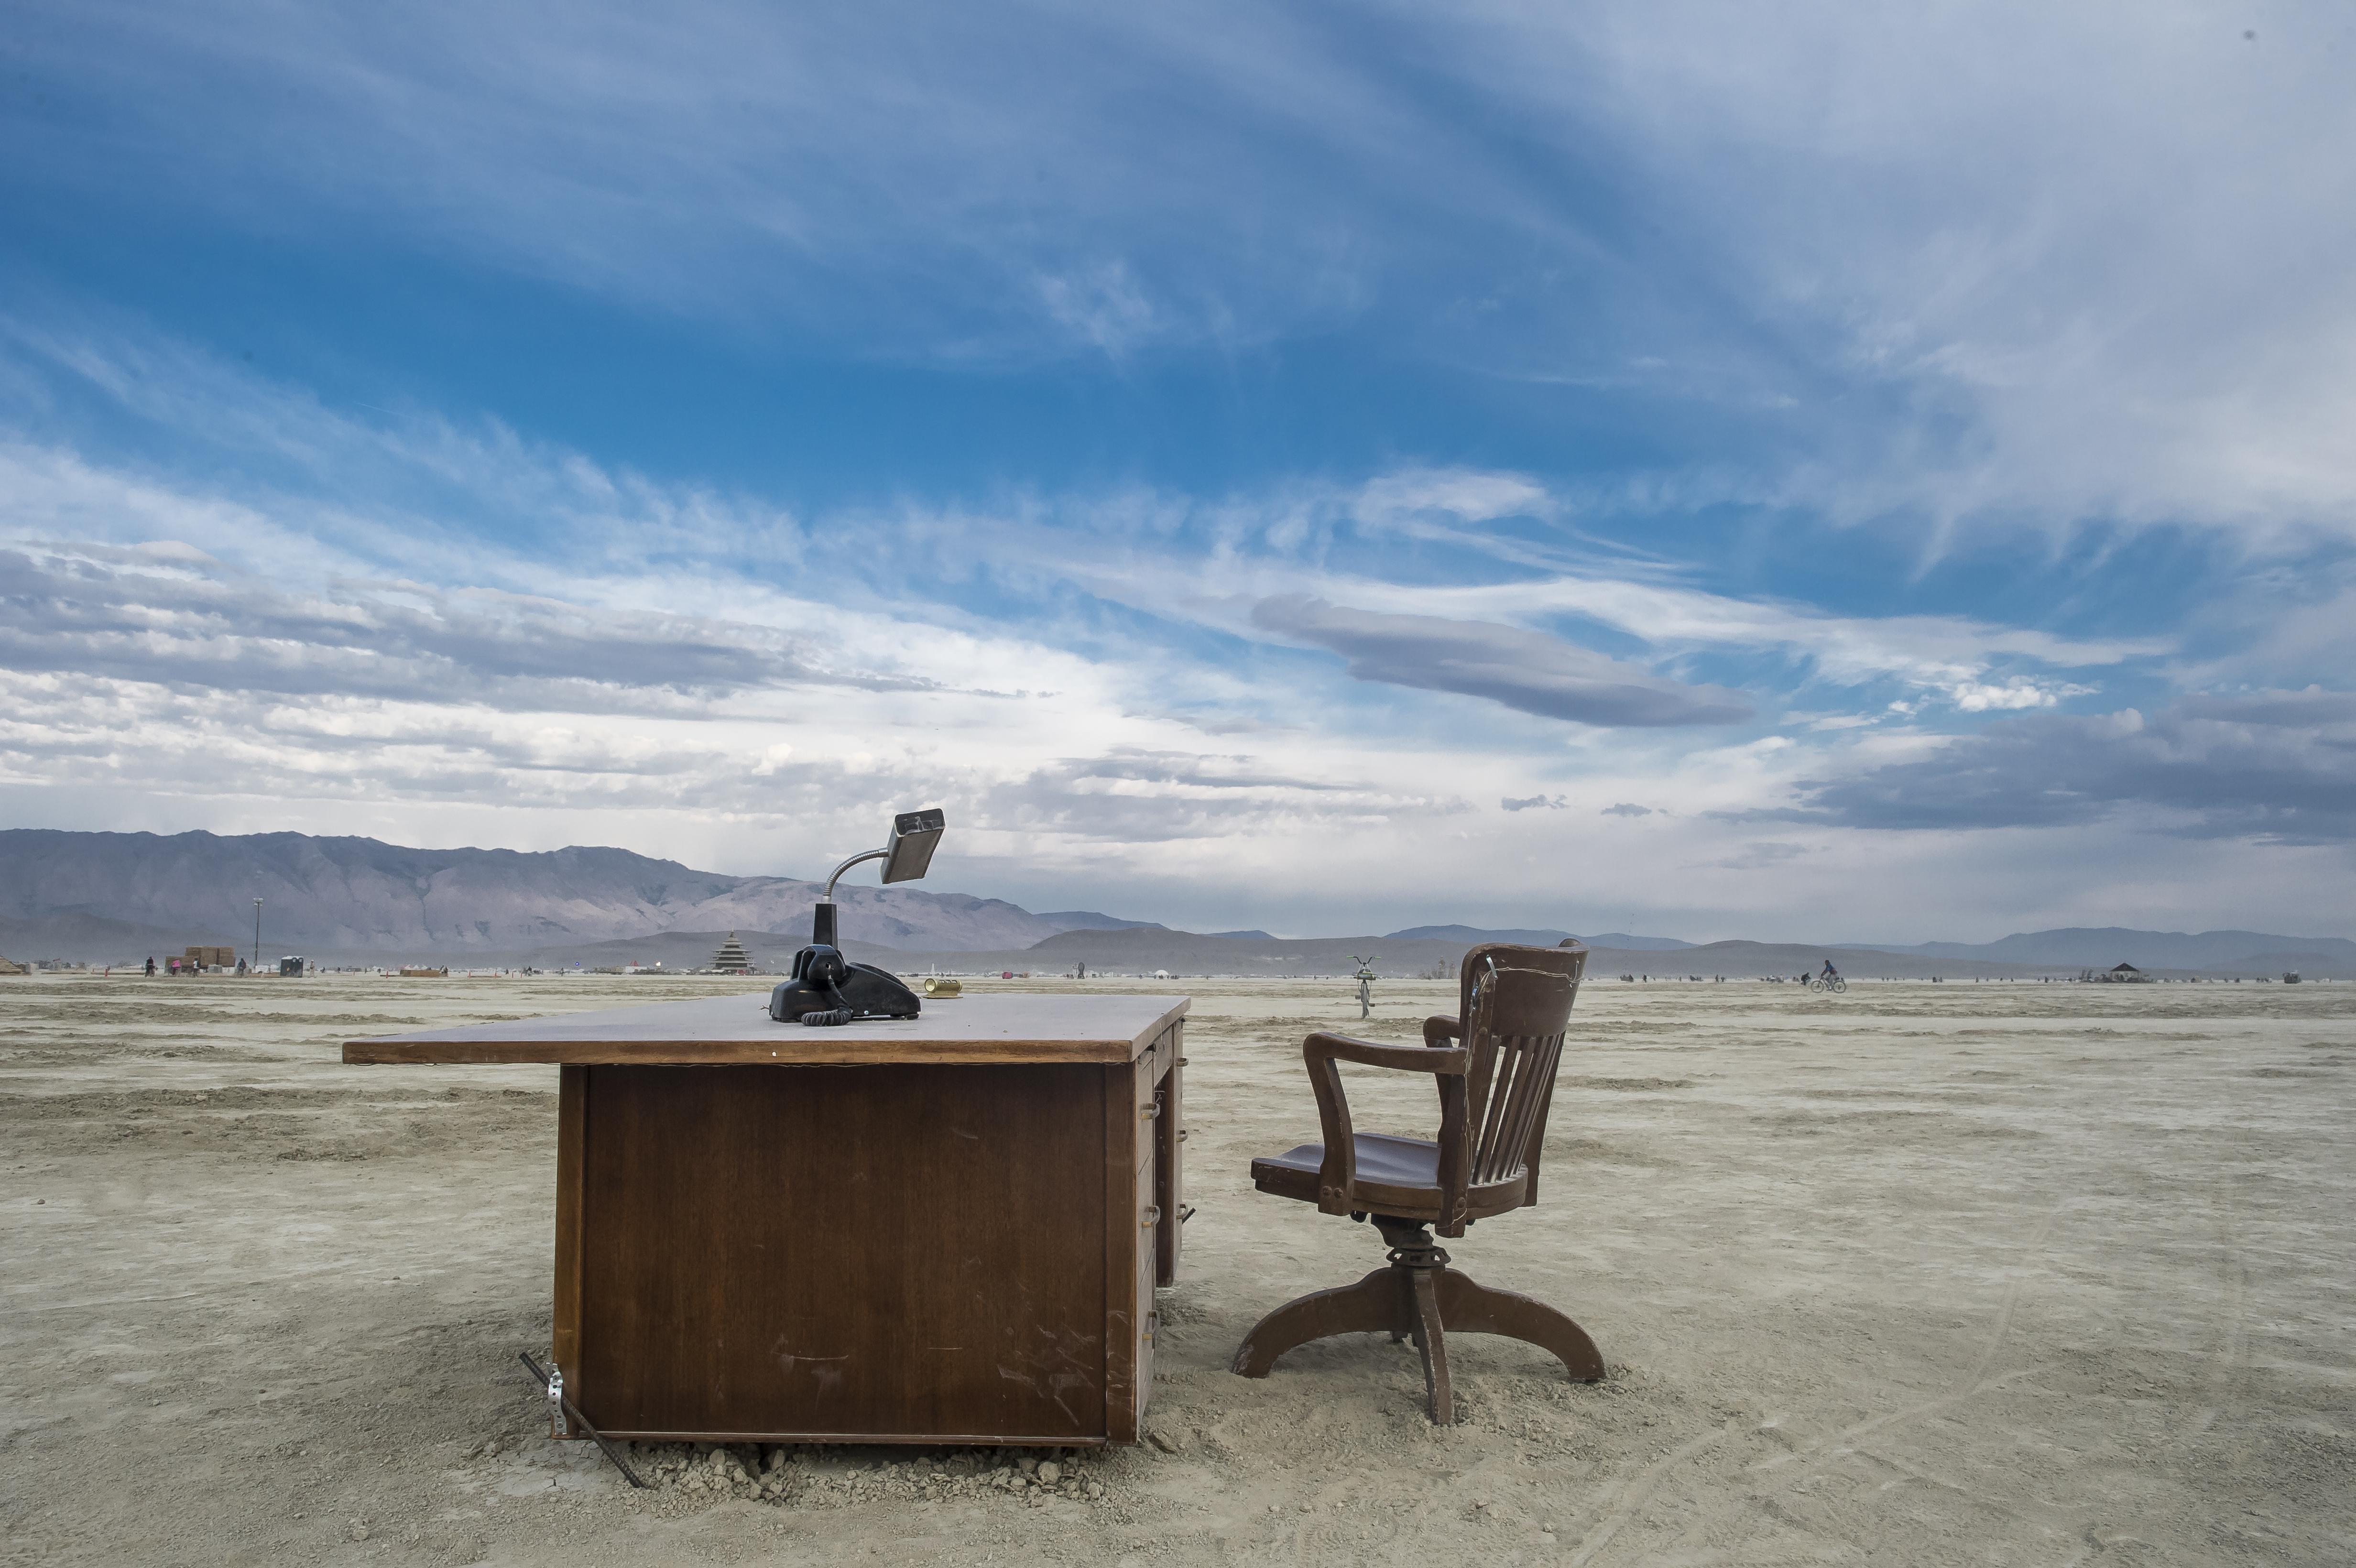 A Desk in the Desert